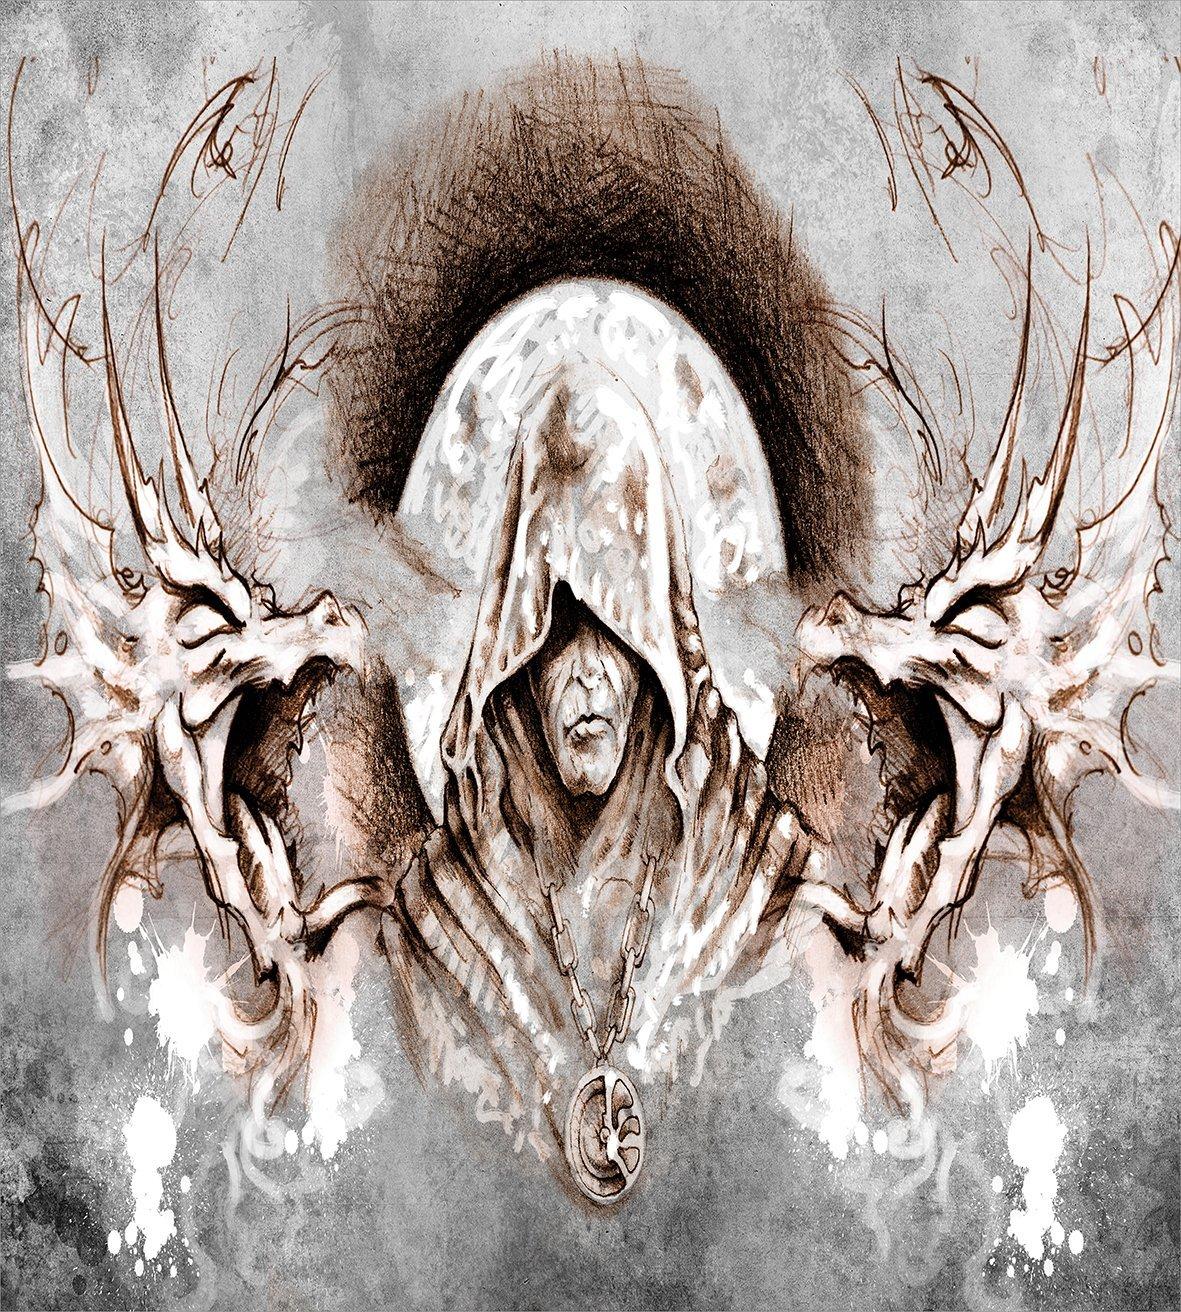 Дракон пододеяльник набор монах ведьма на ветвях деревьев фон Готический средневековый магия художественного графические декора 4 шт. постельные принадлежности - 2